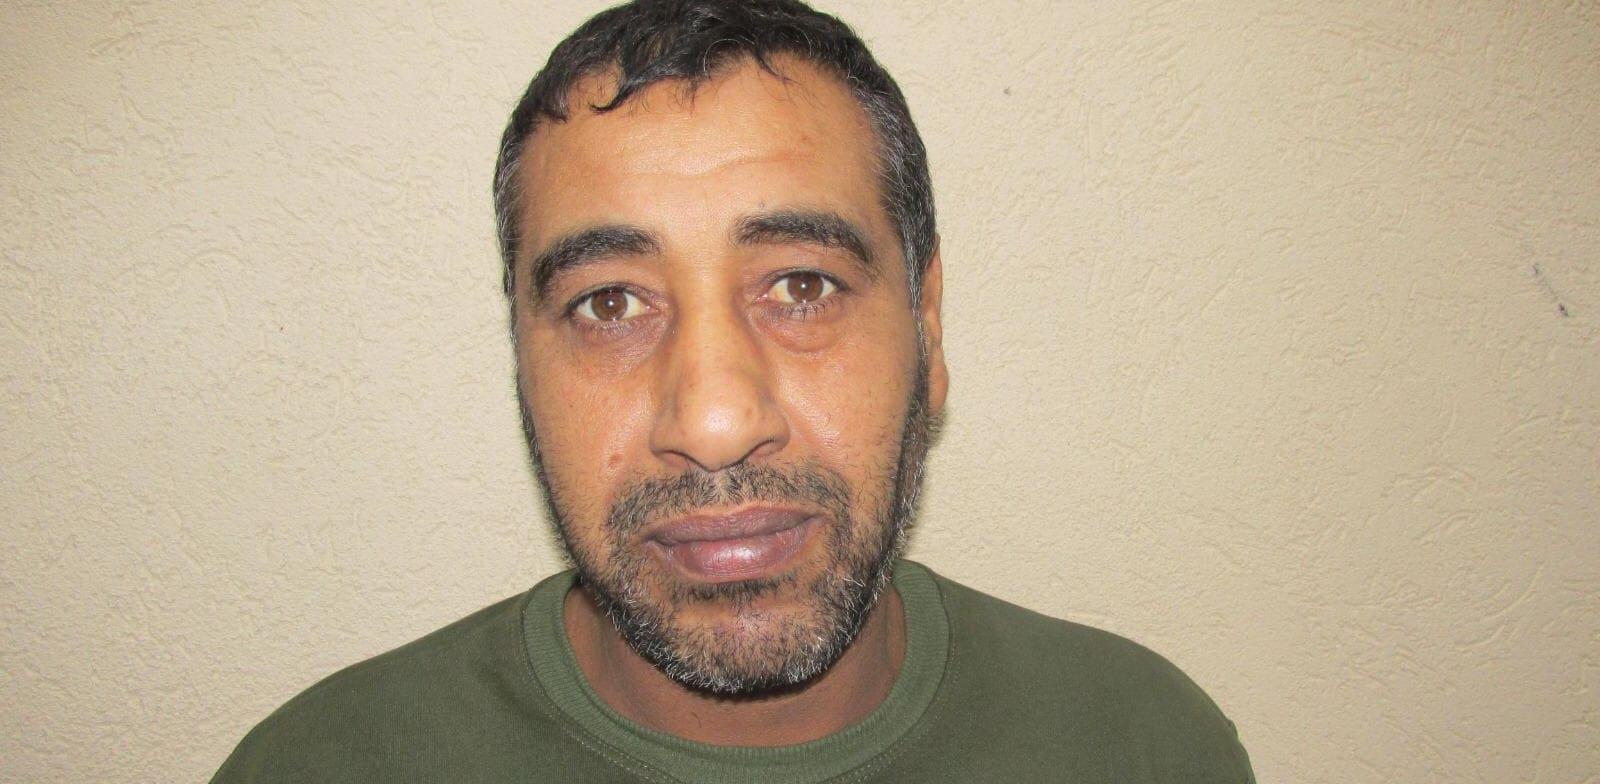 """מוחמד אבו עדרה, המואשם בריגול עבור החמאס / צילום: תקשורת שב""""כ"""